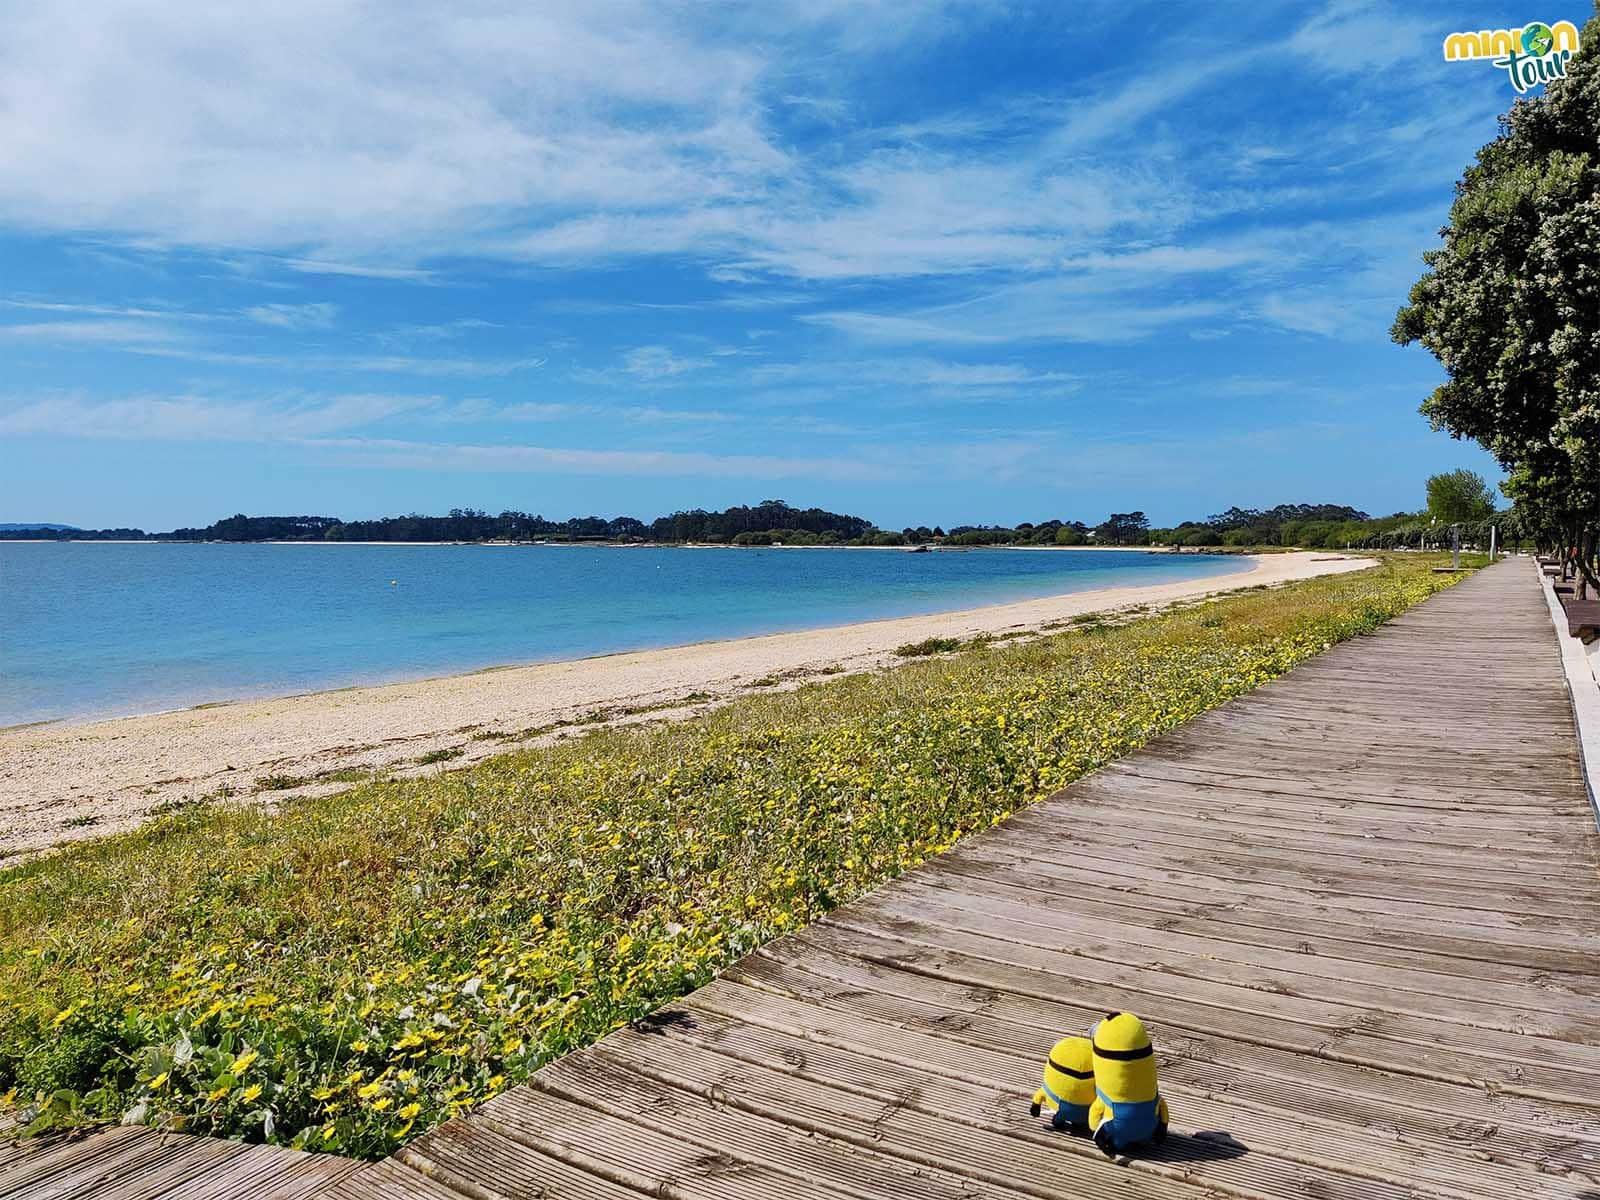 Hoy toca paseíto chulo por A Illa de Arousa